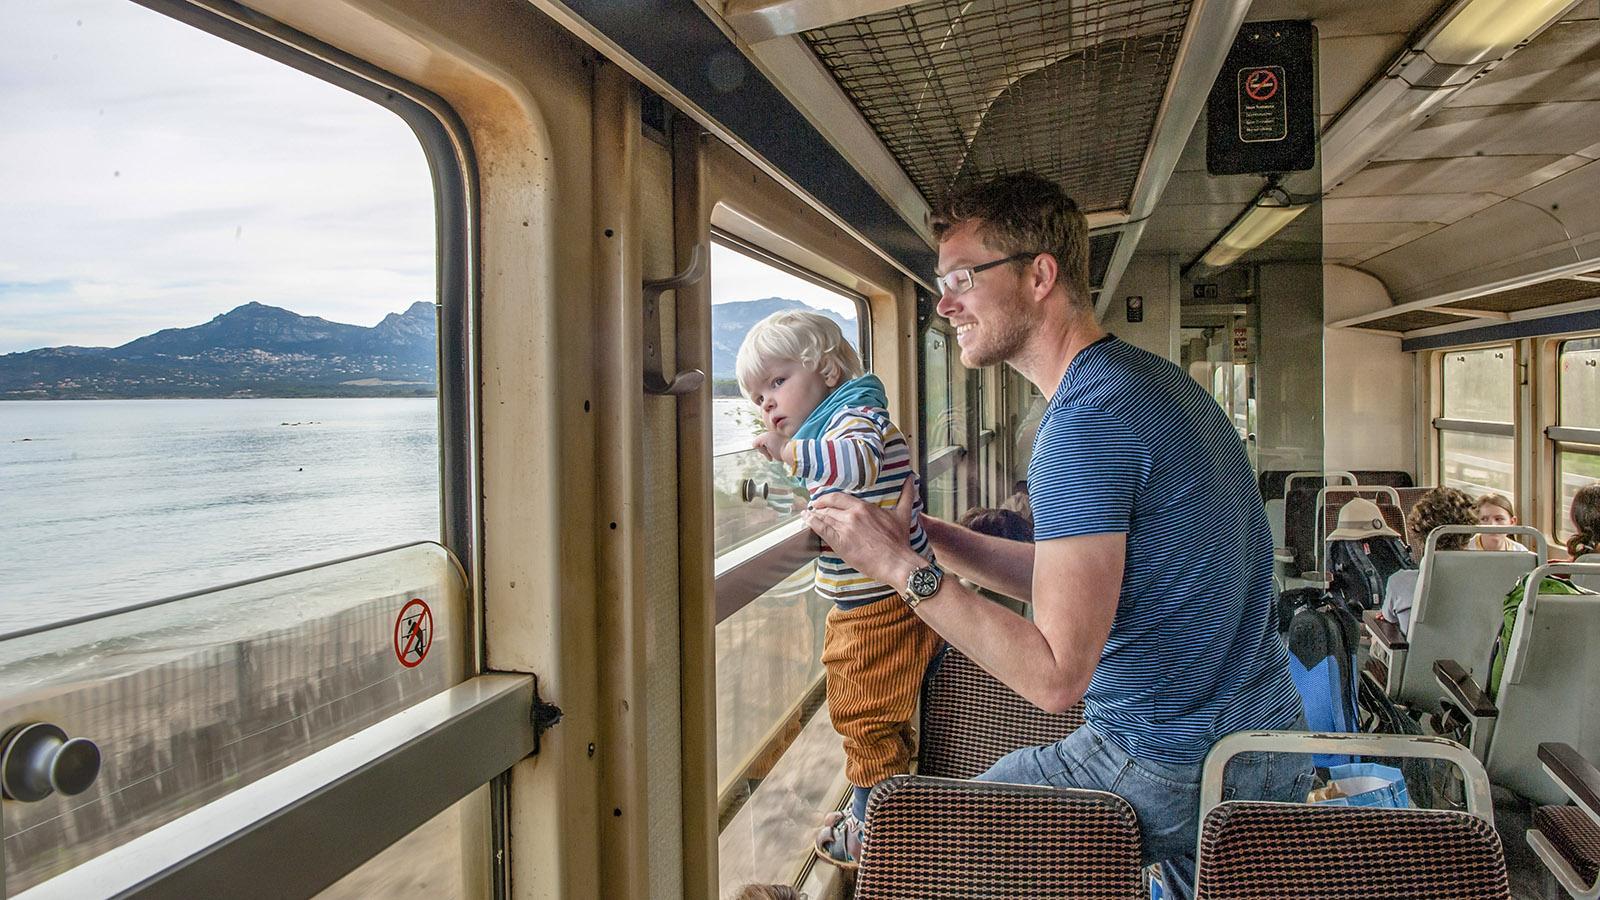 Trinighellu: Kopf rausstecken, gucken und den Fahrwind spüren... Bahngenuss wie früher! Foto: Hilke Maunder